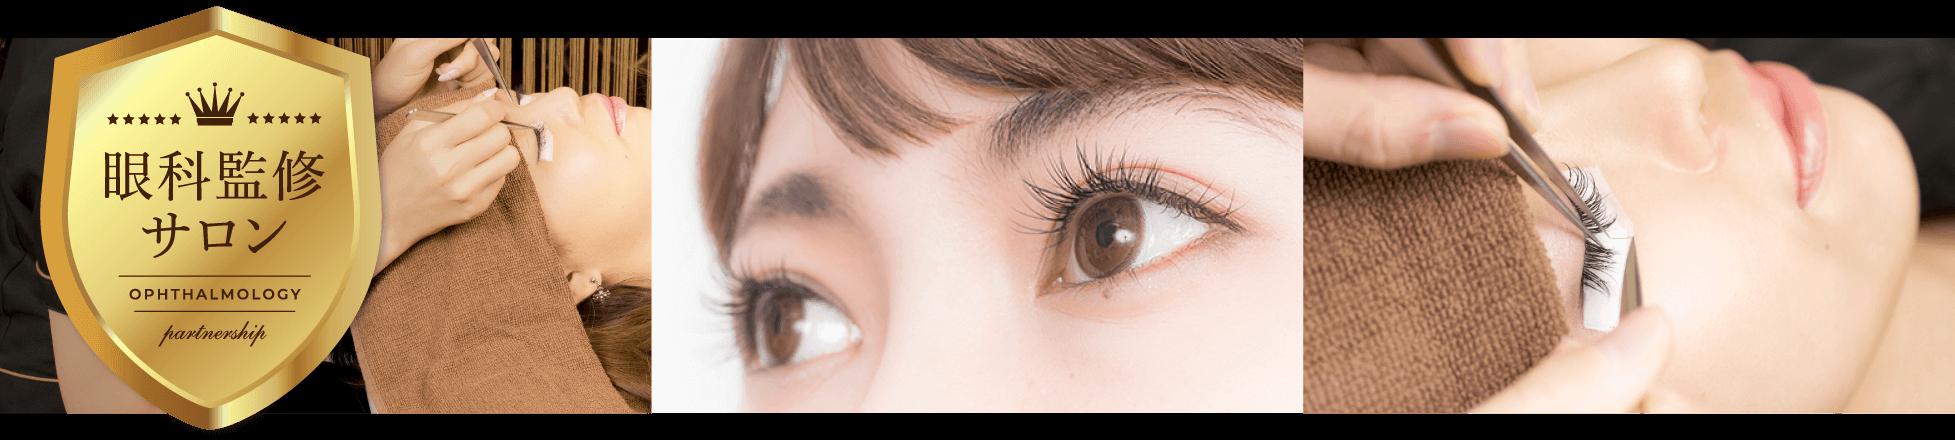 眼科提携サロン